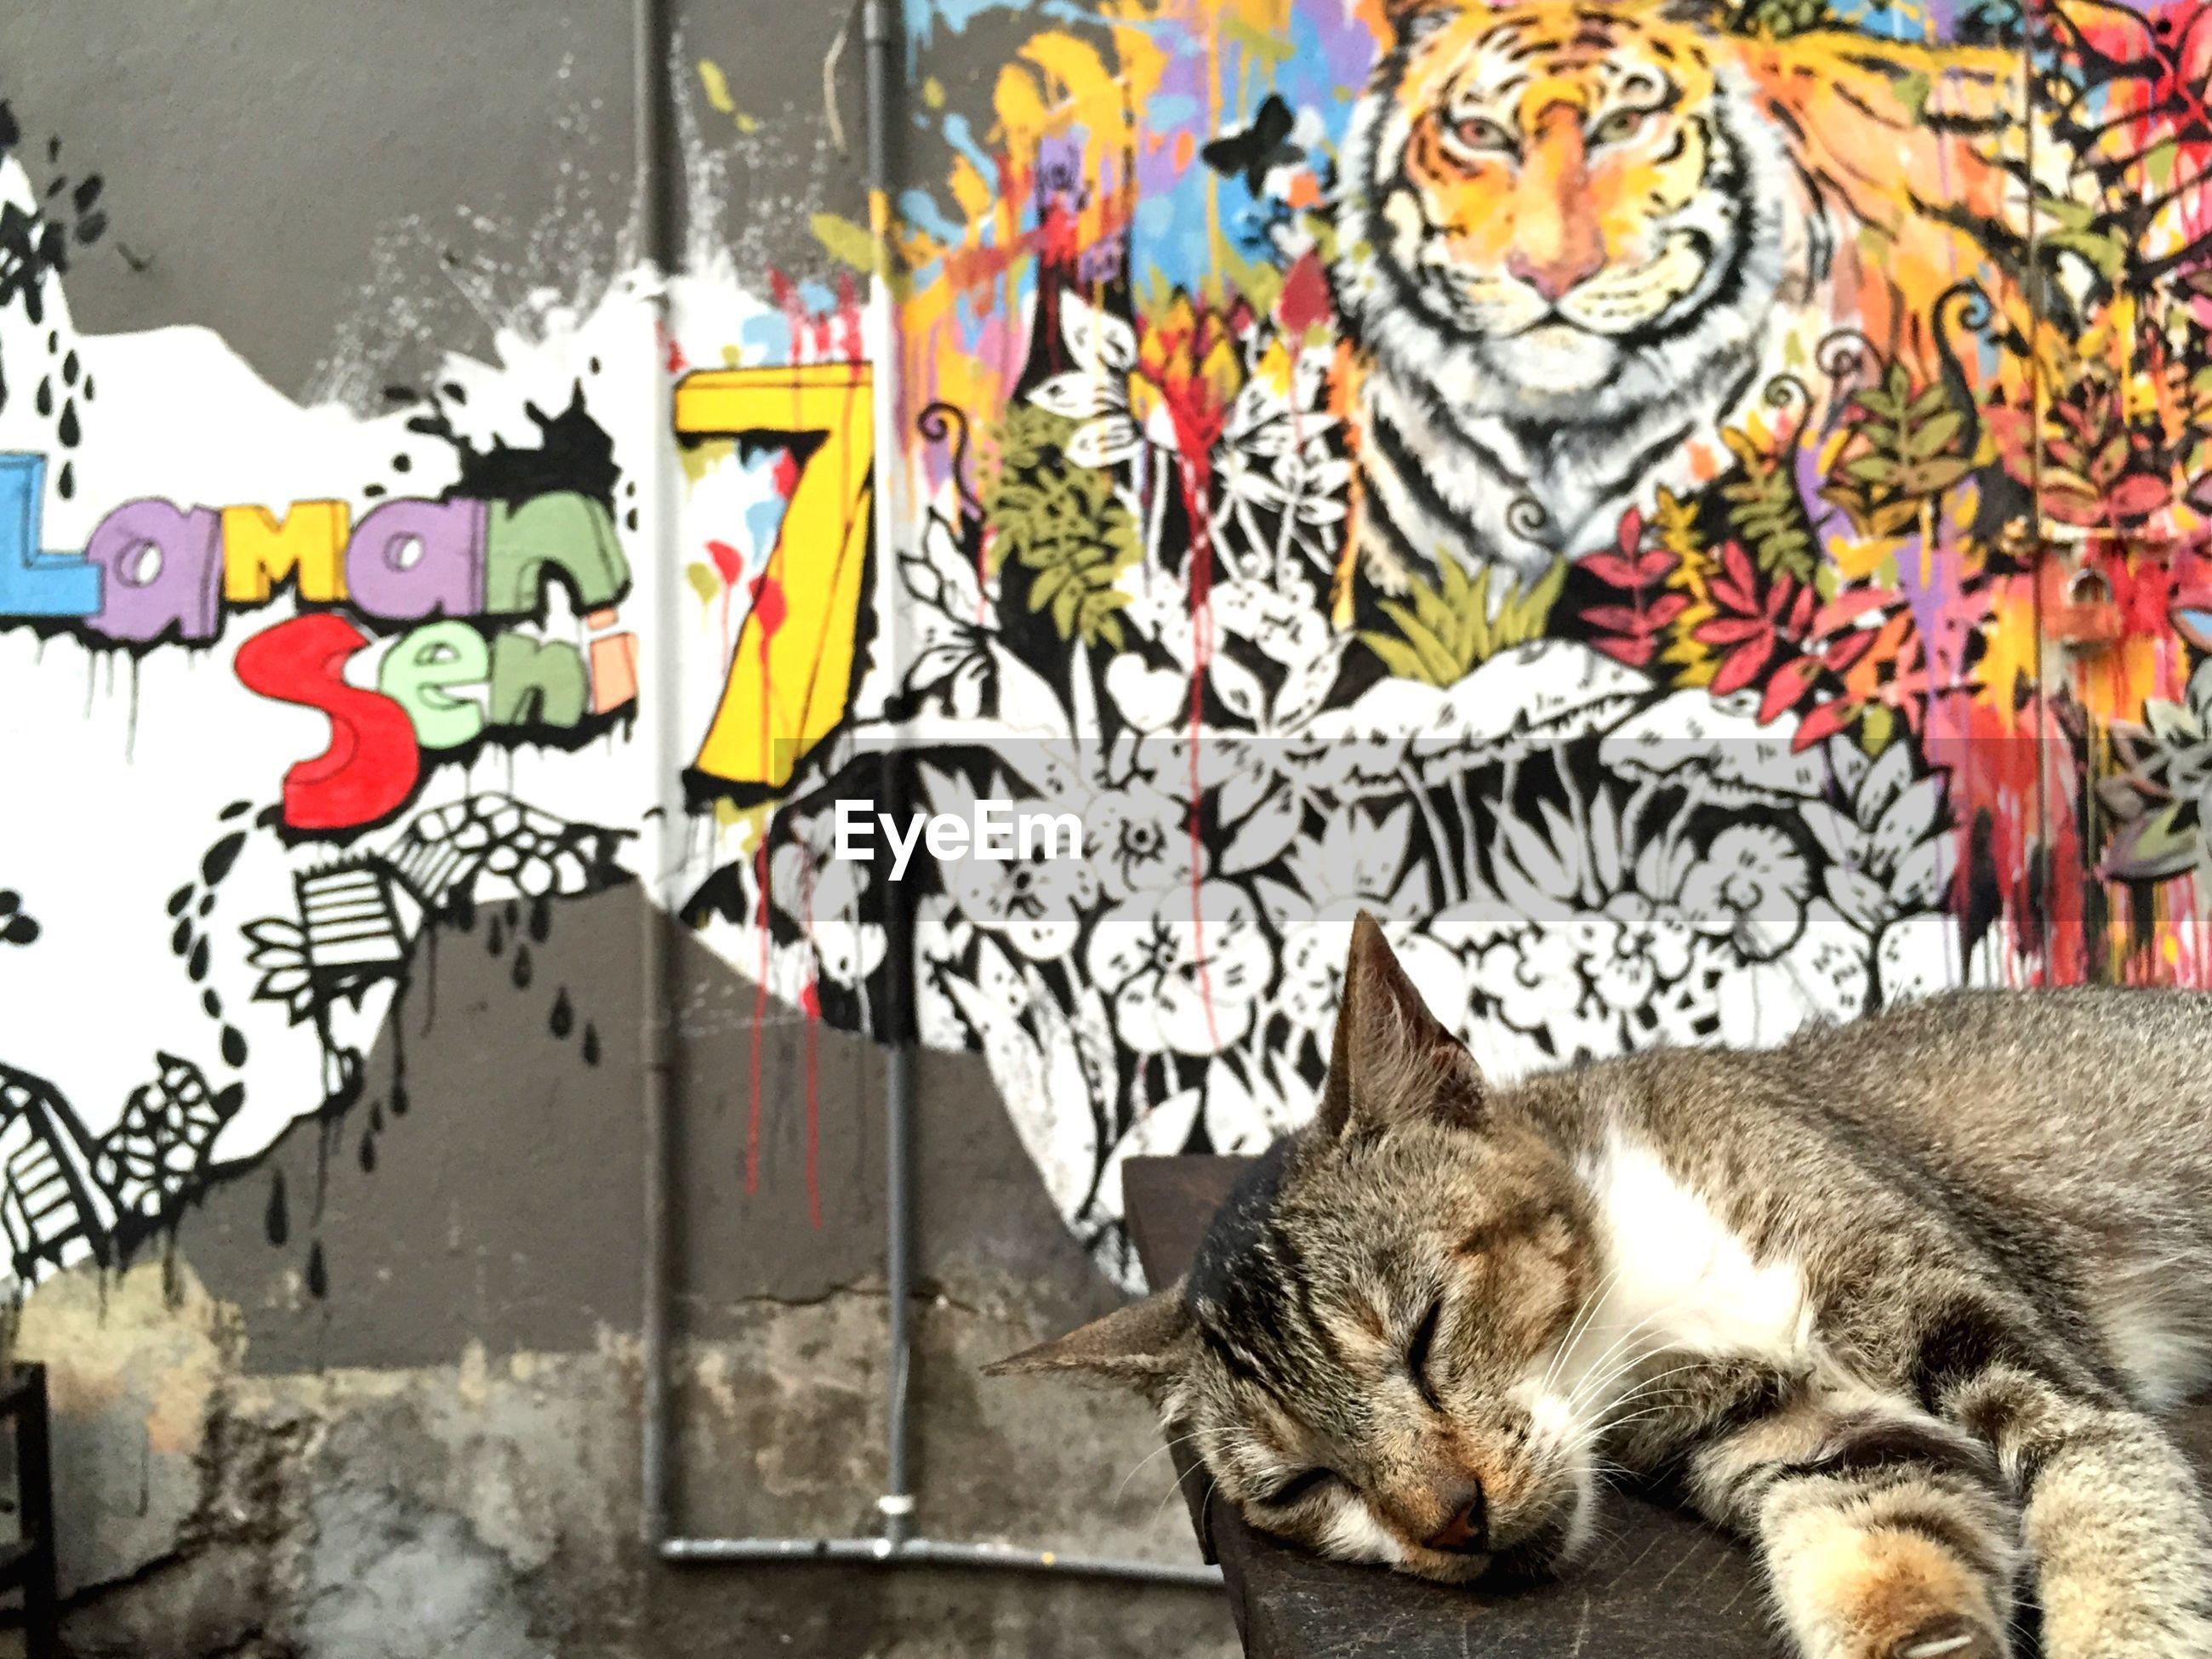 CAT SLEEPING ON WALL